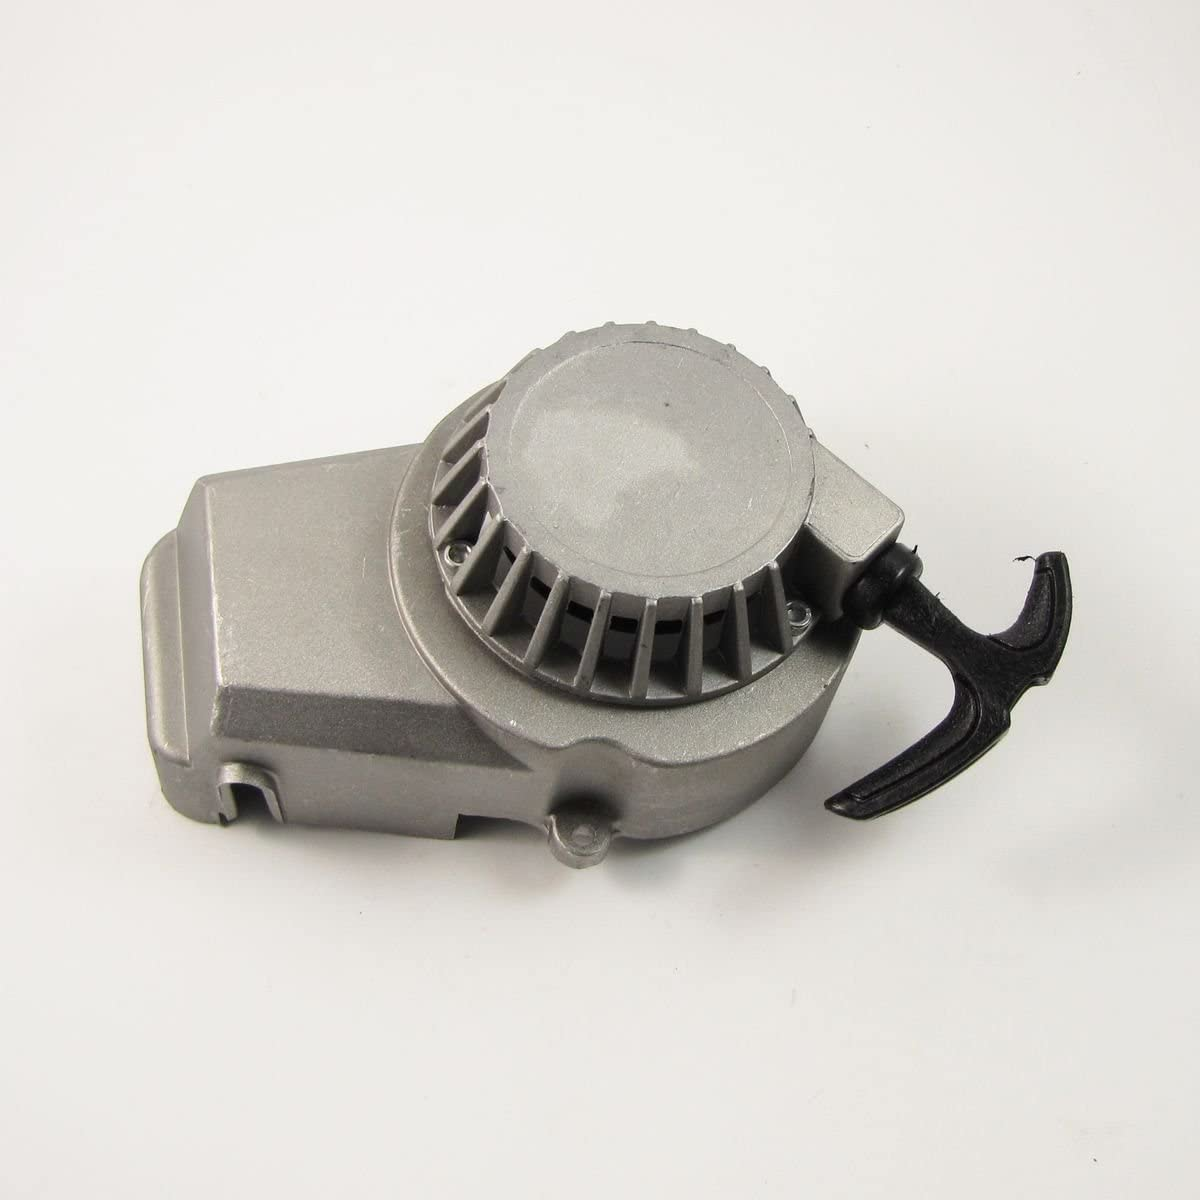 Aluminium Starter Seilzugstarter Für 2 Takt 47cc 49cc Atv Mini Pocket Dirt Bike Sport Freizeit